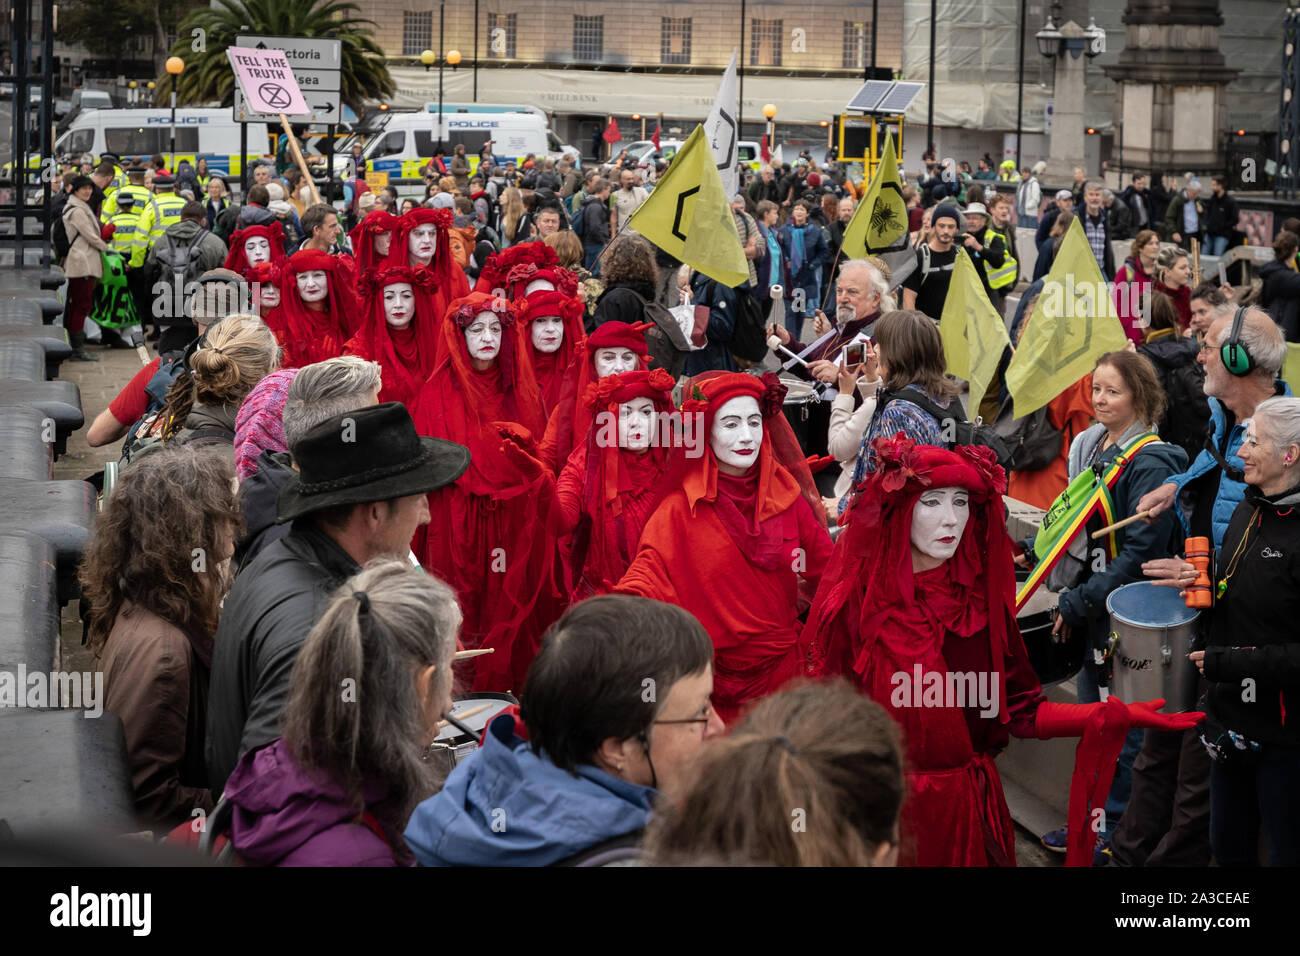 L'extinction de la rébellion rebelles rouges 'Brigade' inscrivez-vous le changement climatique militants sur Lambeth Bridge portant leur marque de vêtements rouge sang. Londres, Royaume-Uni. Banque D'Images